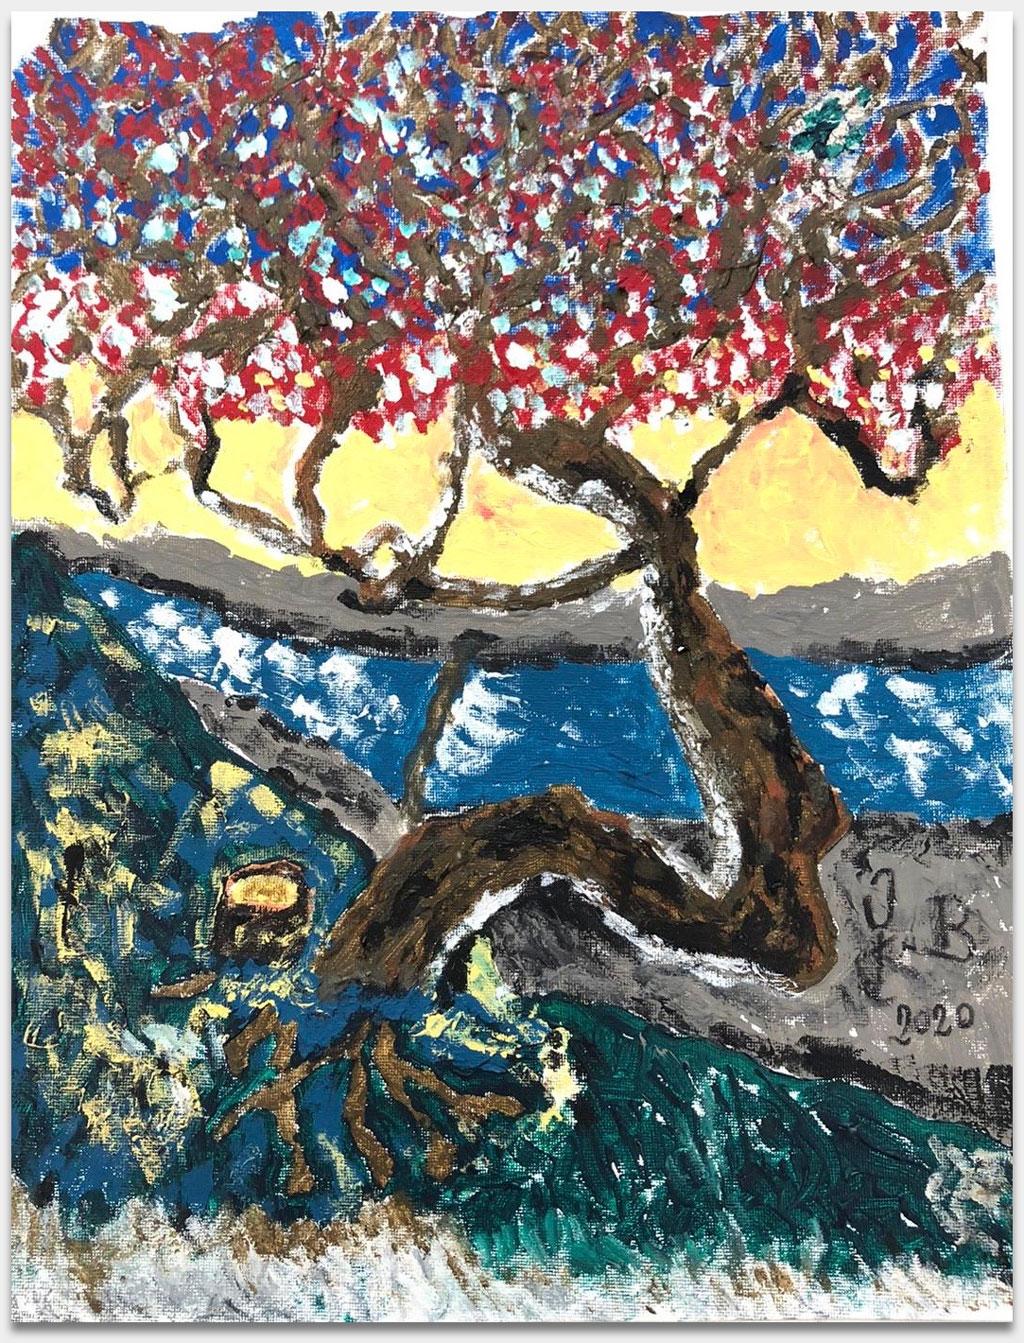 """Berger, Senta, Schauspielerin, Filmproduzentin, Sängerin, """"Baum am Isarhang"""", 39x30 cm, Öl auf Leinwand, handsigniert"""